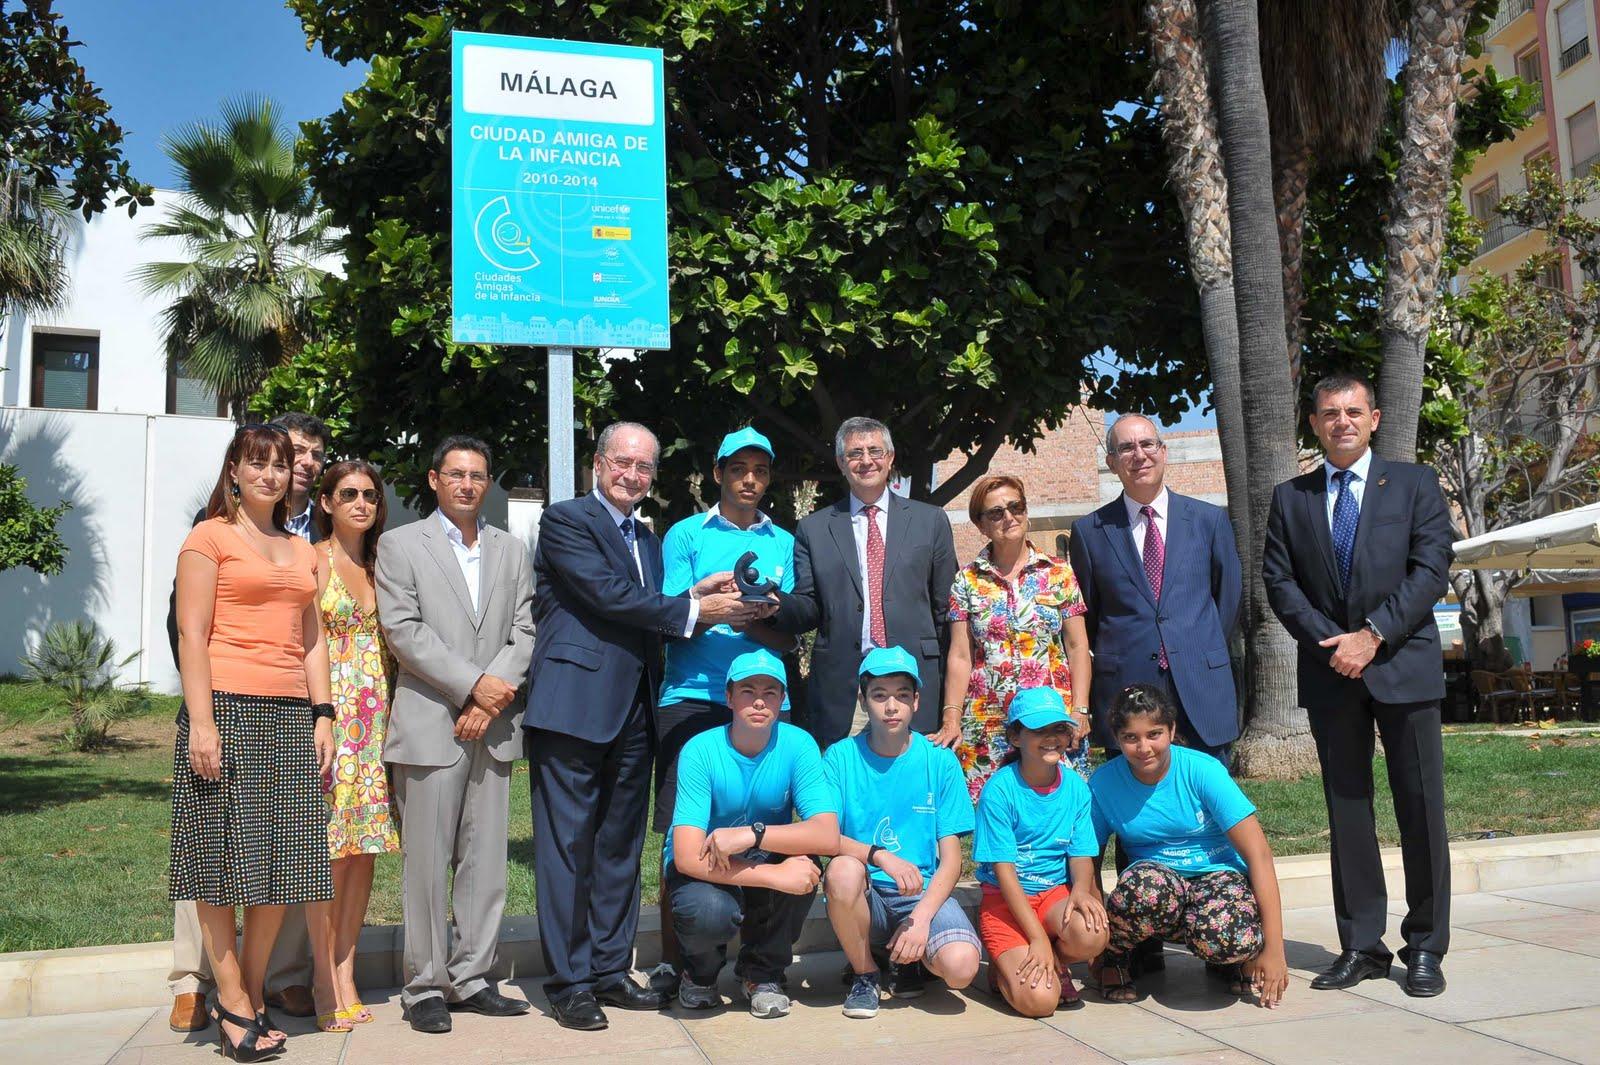 M laga informaci n m laga ser ciudad amiga de la for Polideportivo ciudad jardin malaga